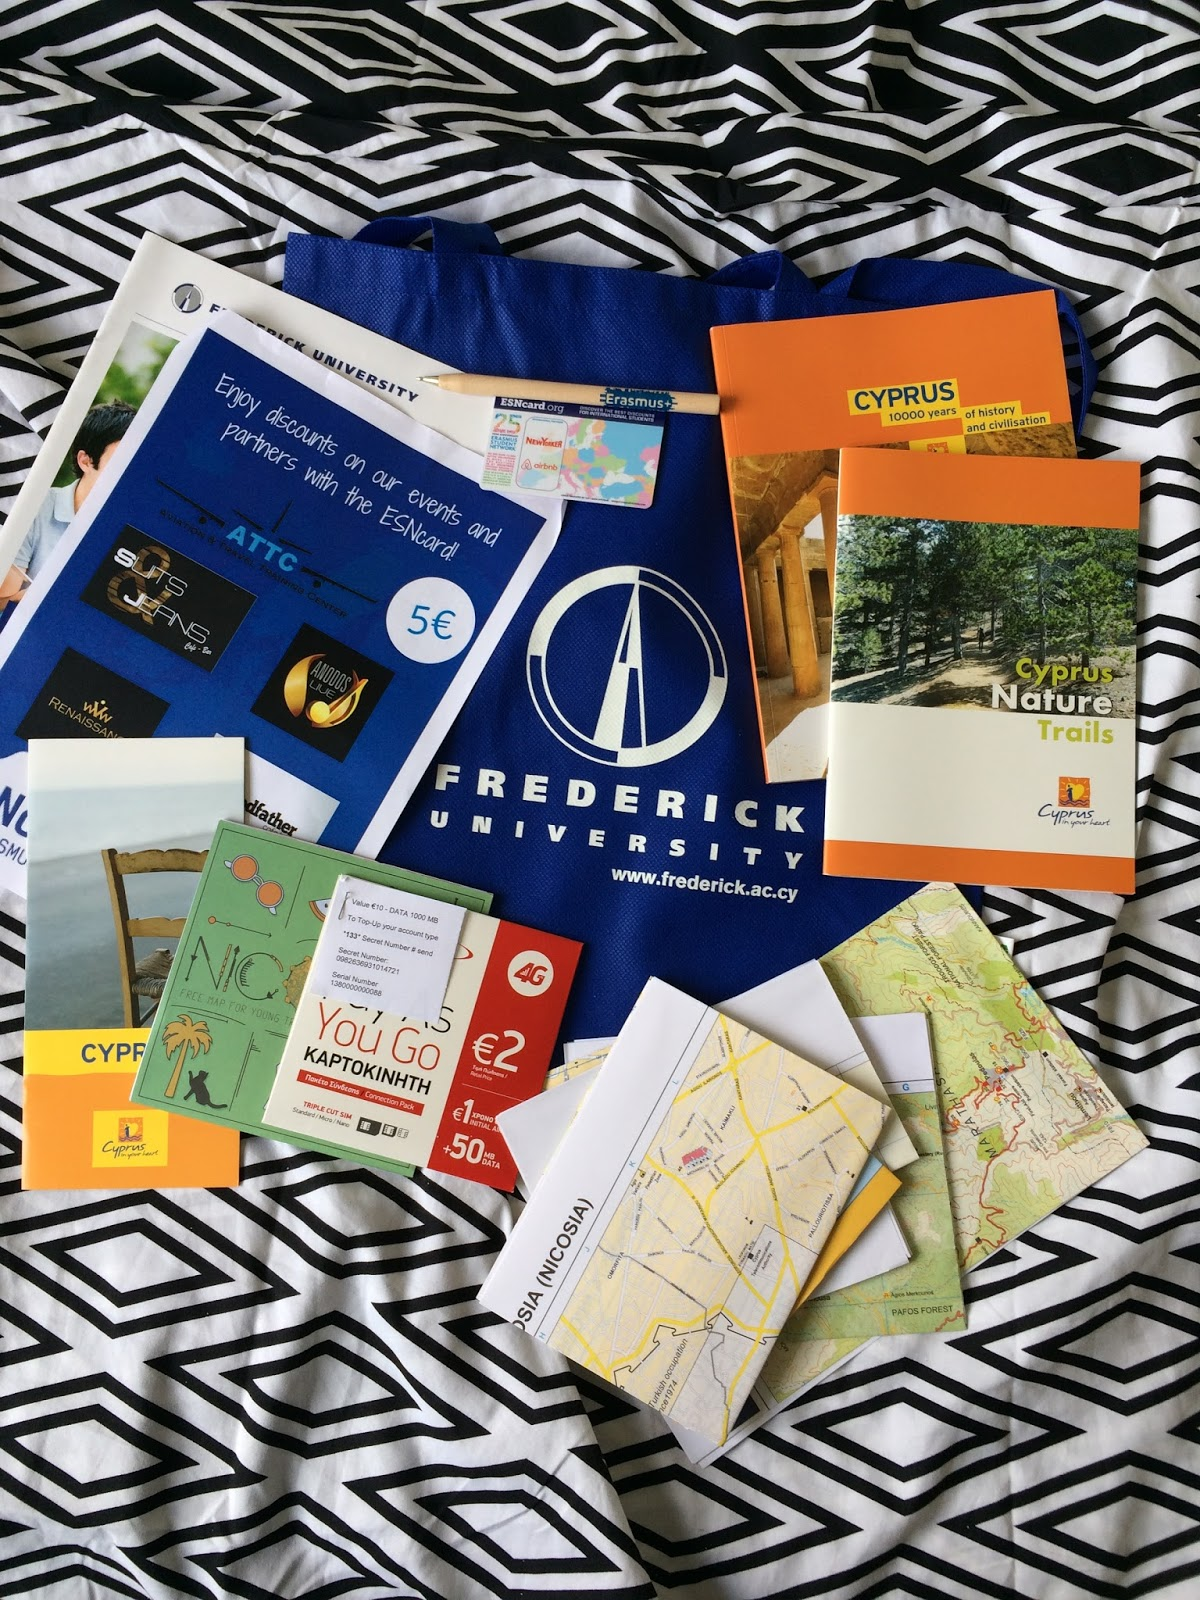 0d1d9e3c609 ... ajaloo tutvustus raamat, loodusraamat, koolikaardi ja Erasmuse  sooduskaardi ka veel. Kaart millega saab paljudes kohtades soodustusi. Kogu  Euroopas saab ...